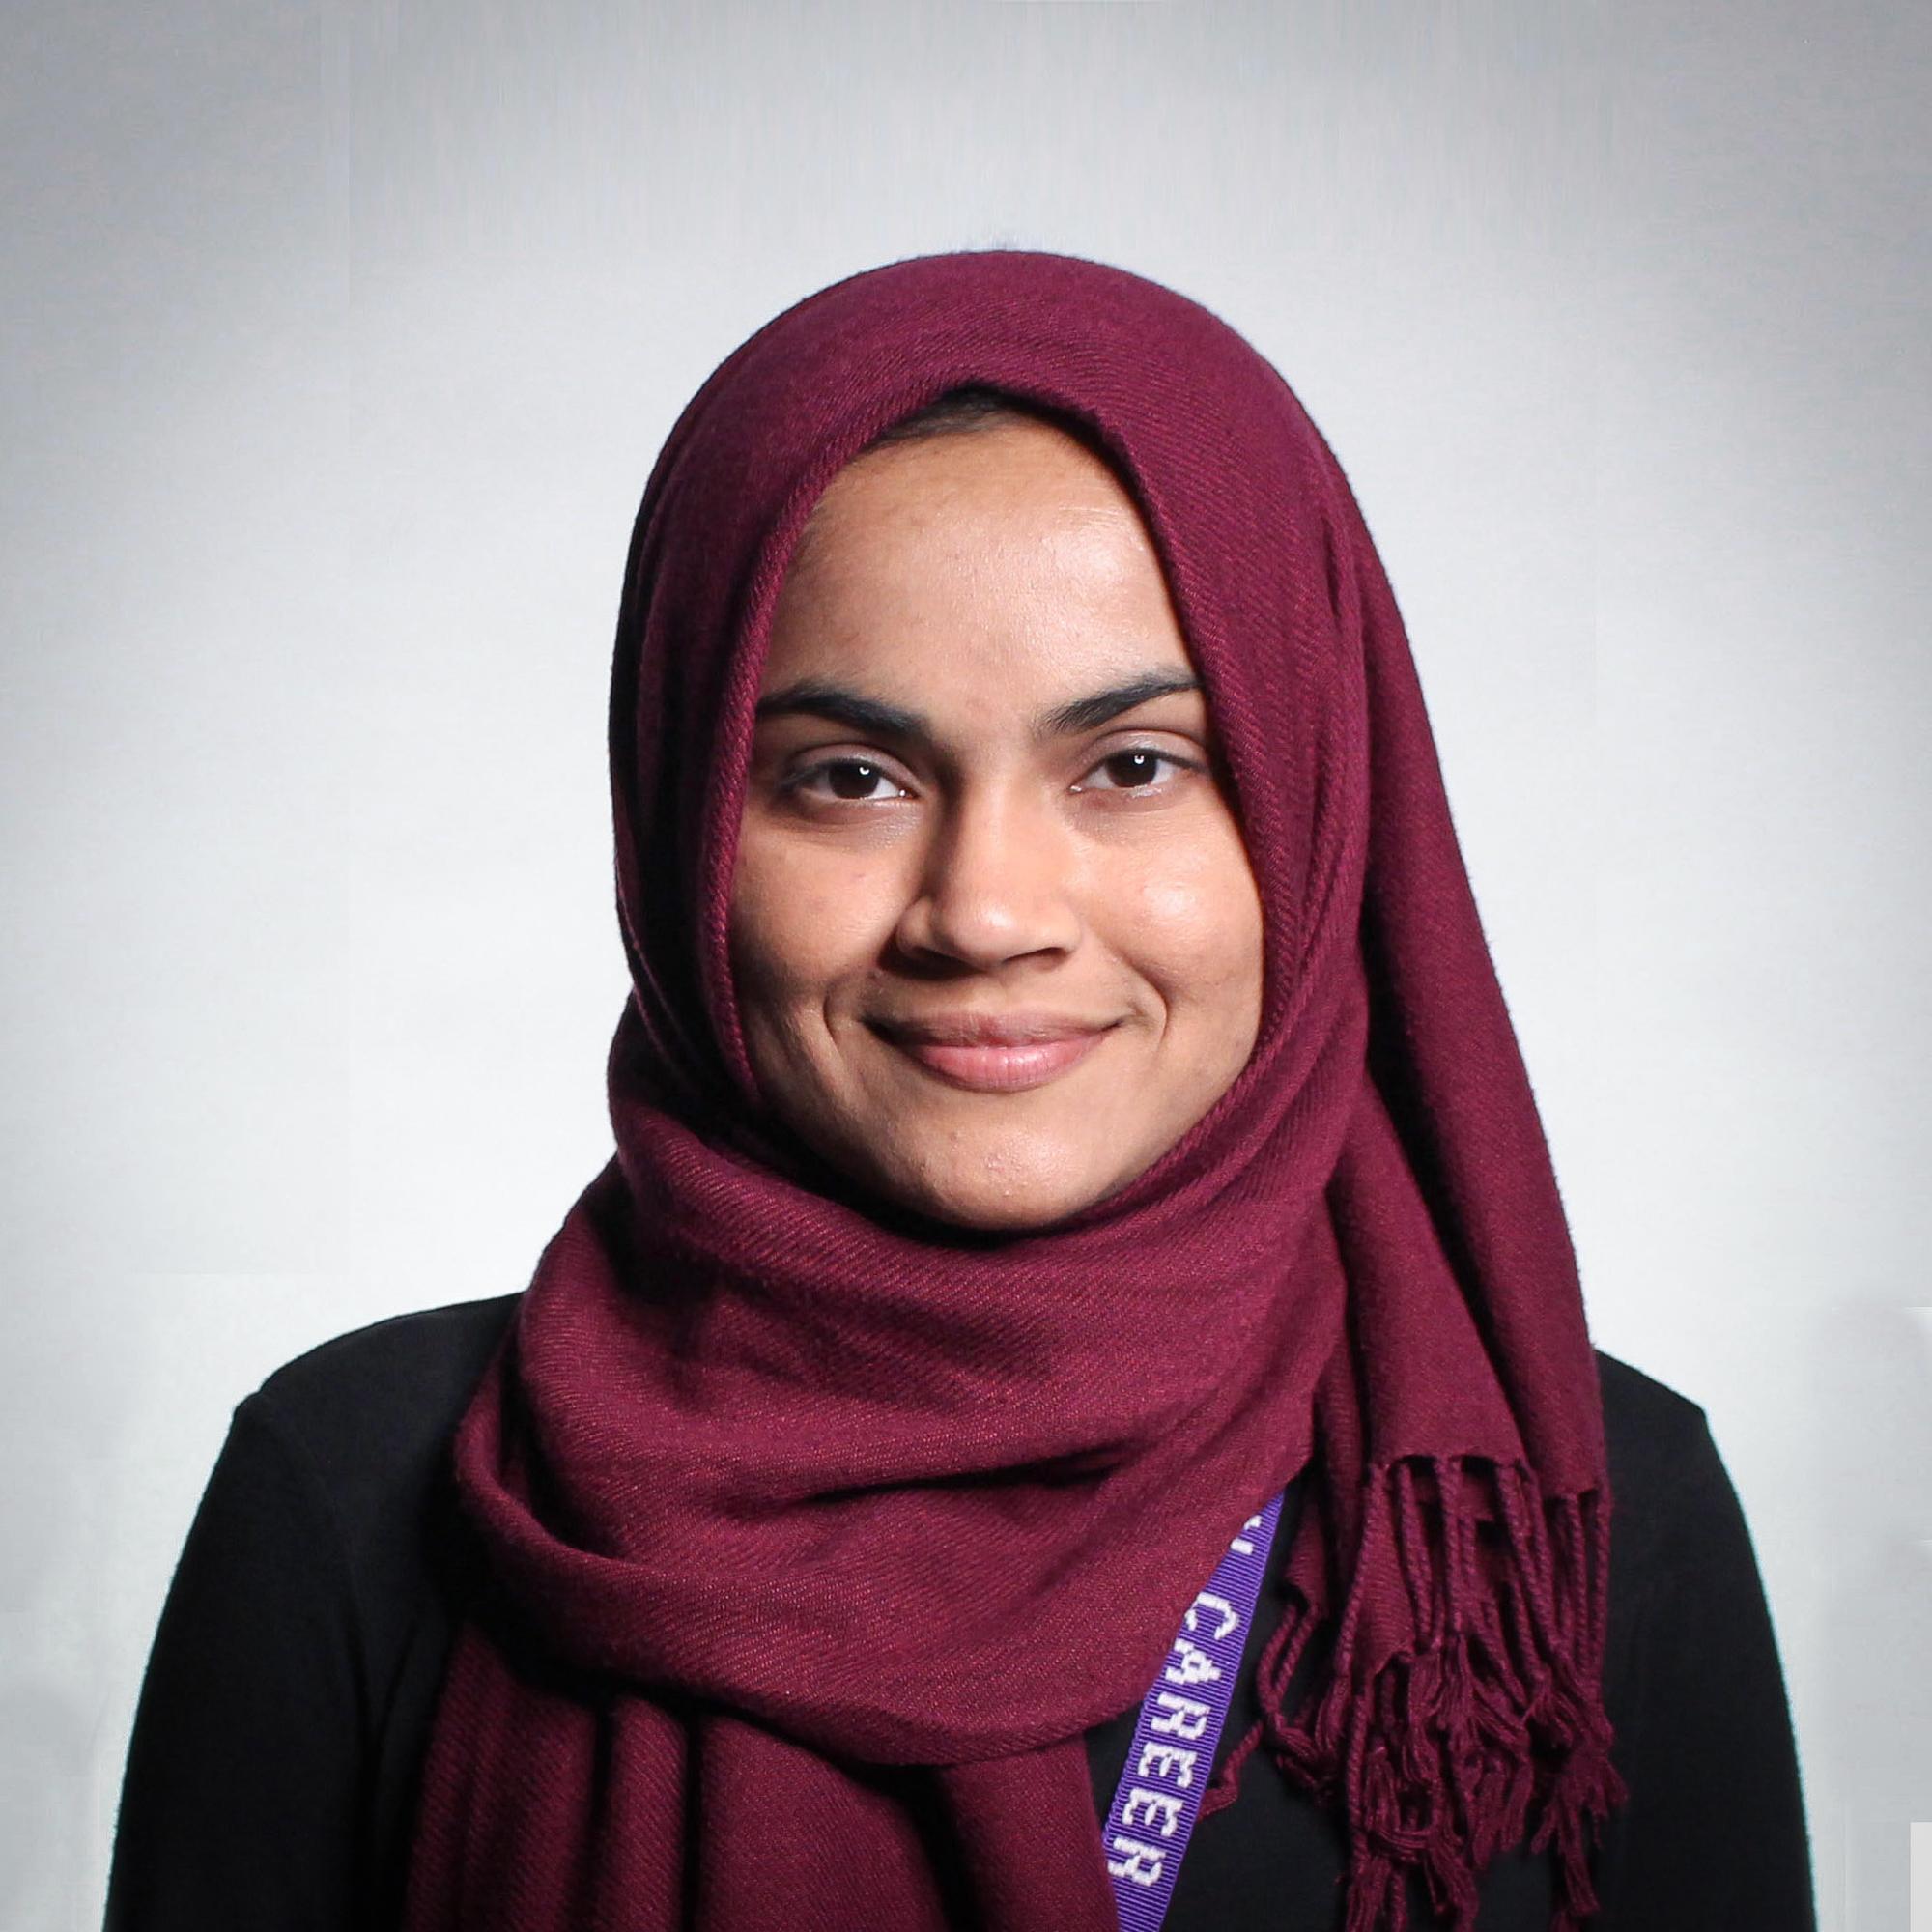 Ms. Sidra Kalsoom